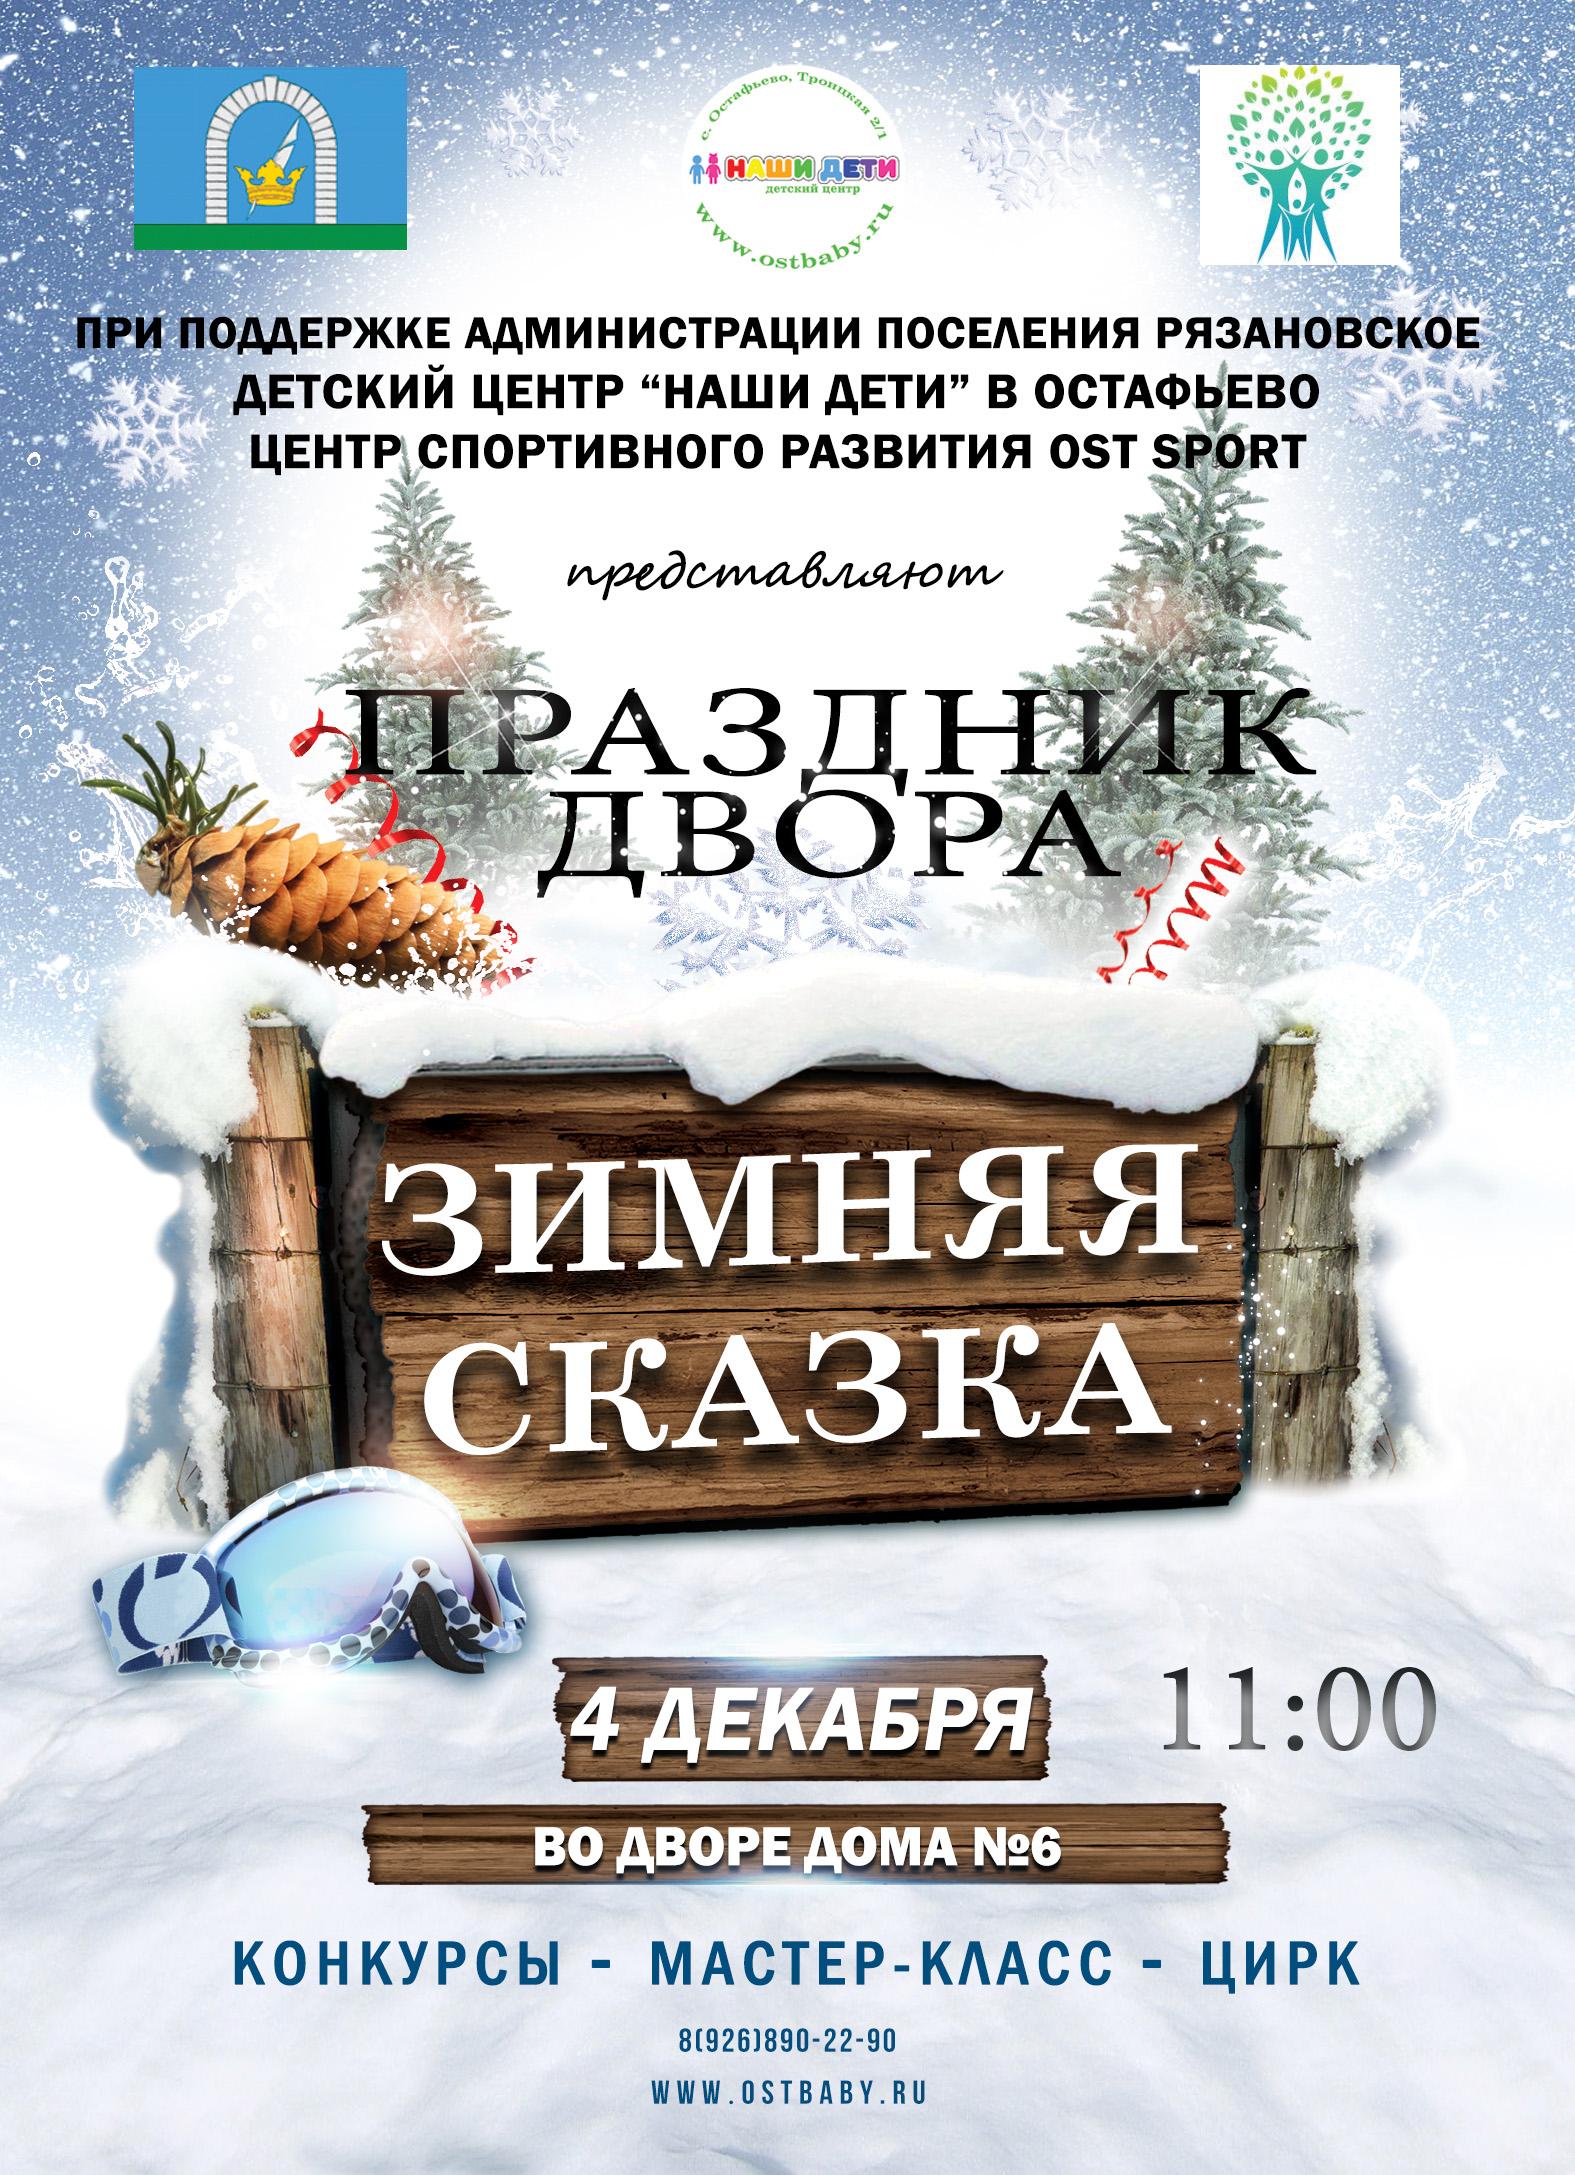 афиша праздник двора детский центр осатфьево